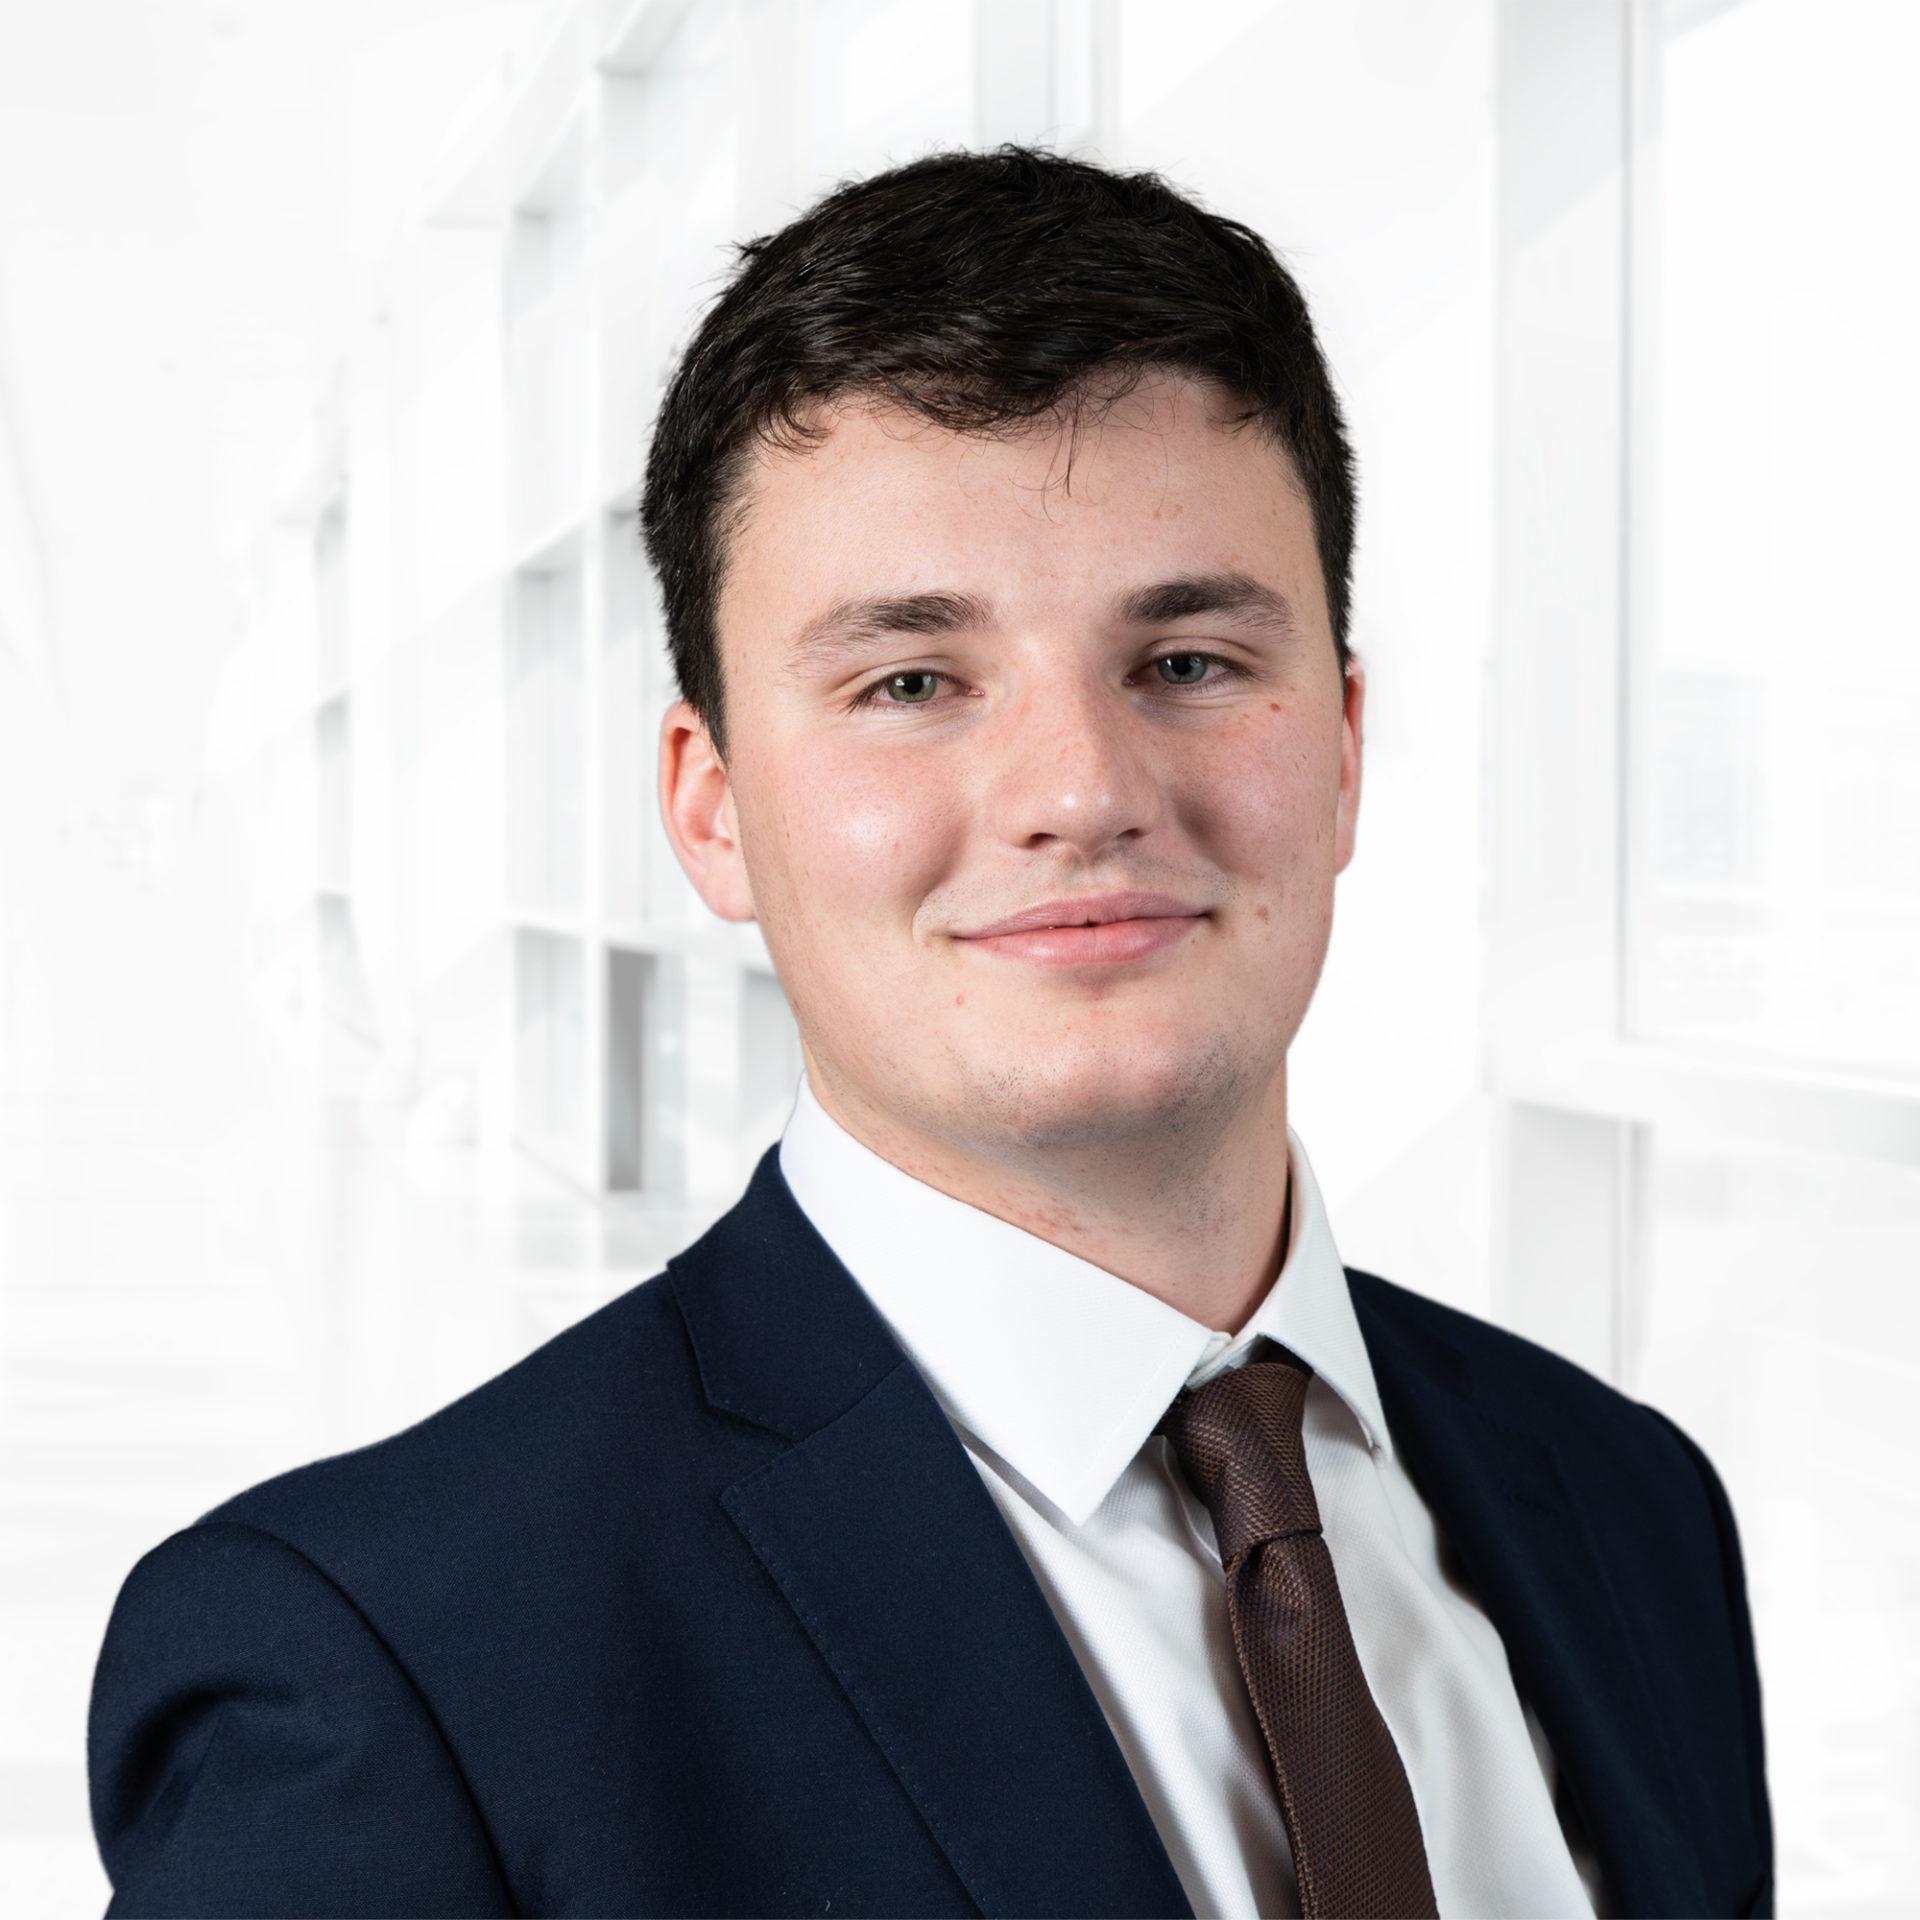 Photo of Rory Crossen